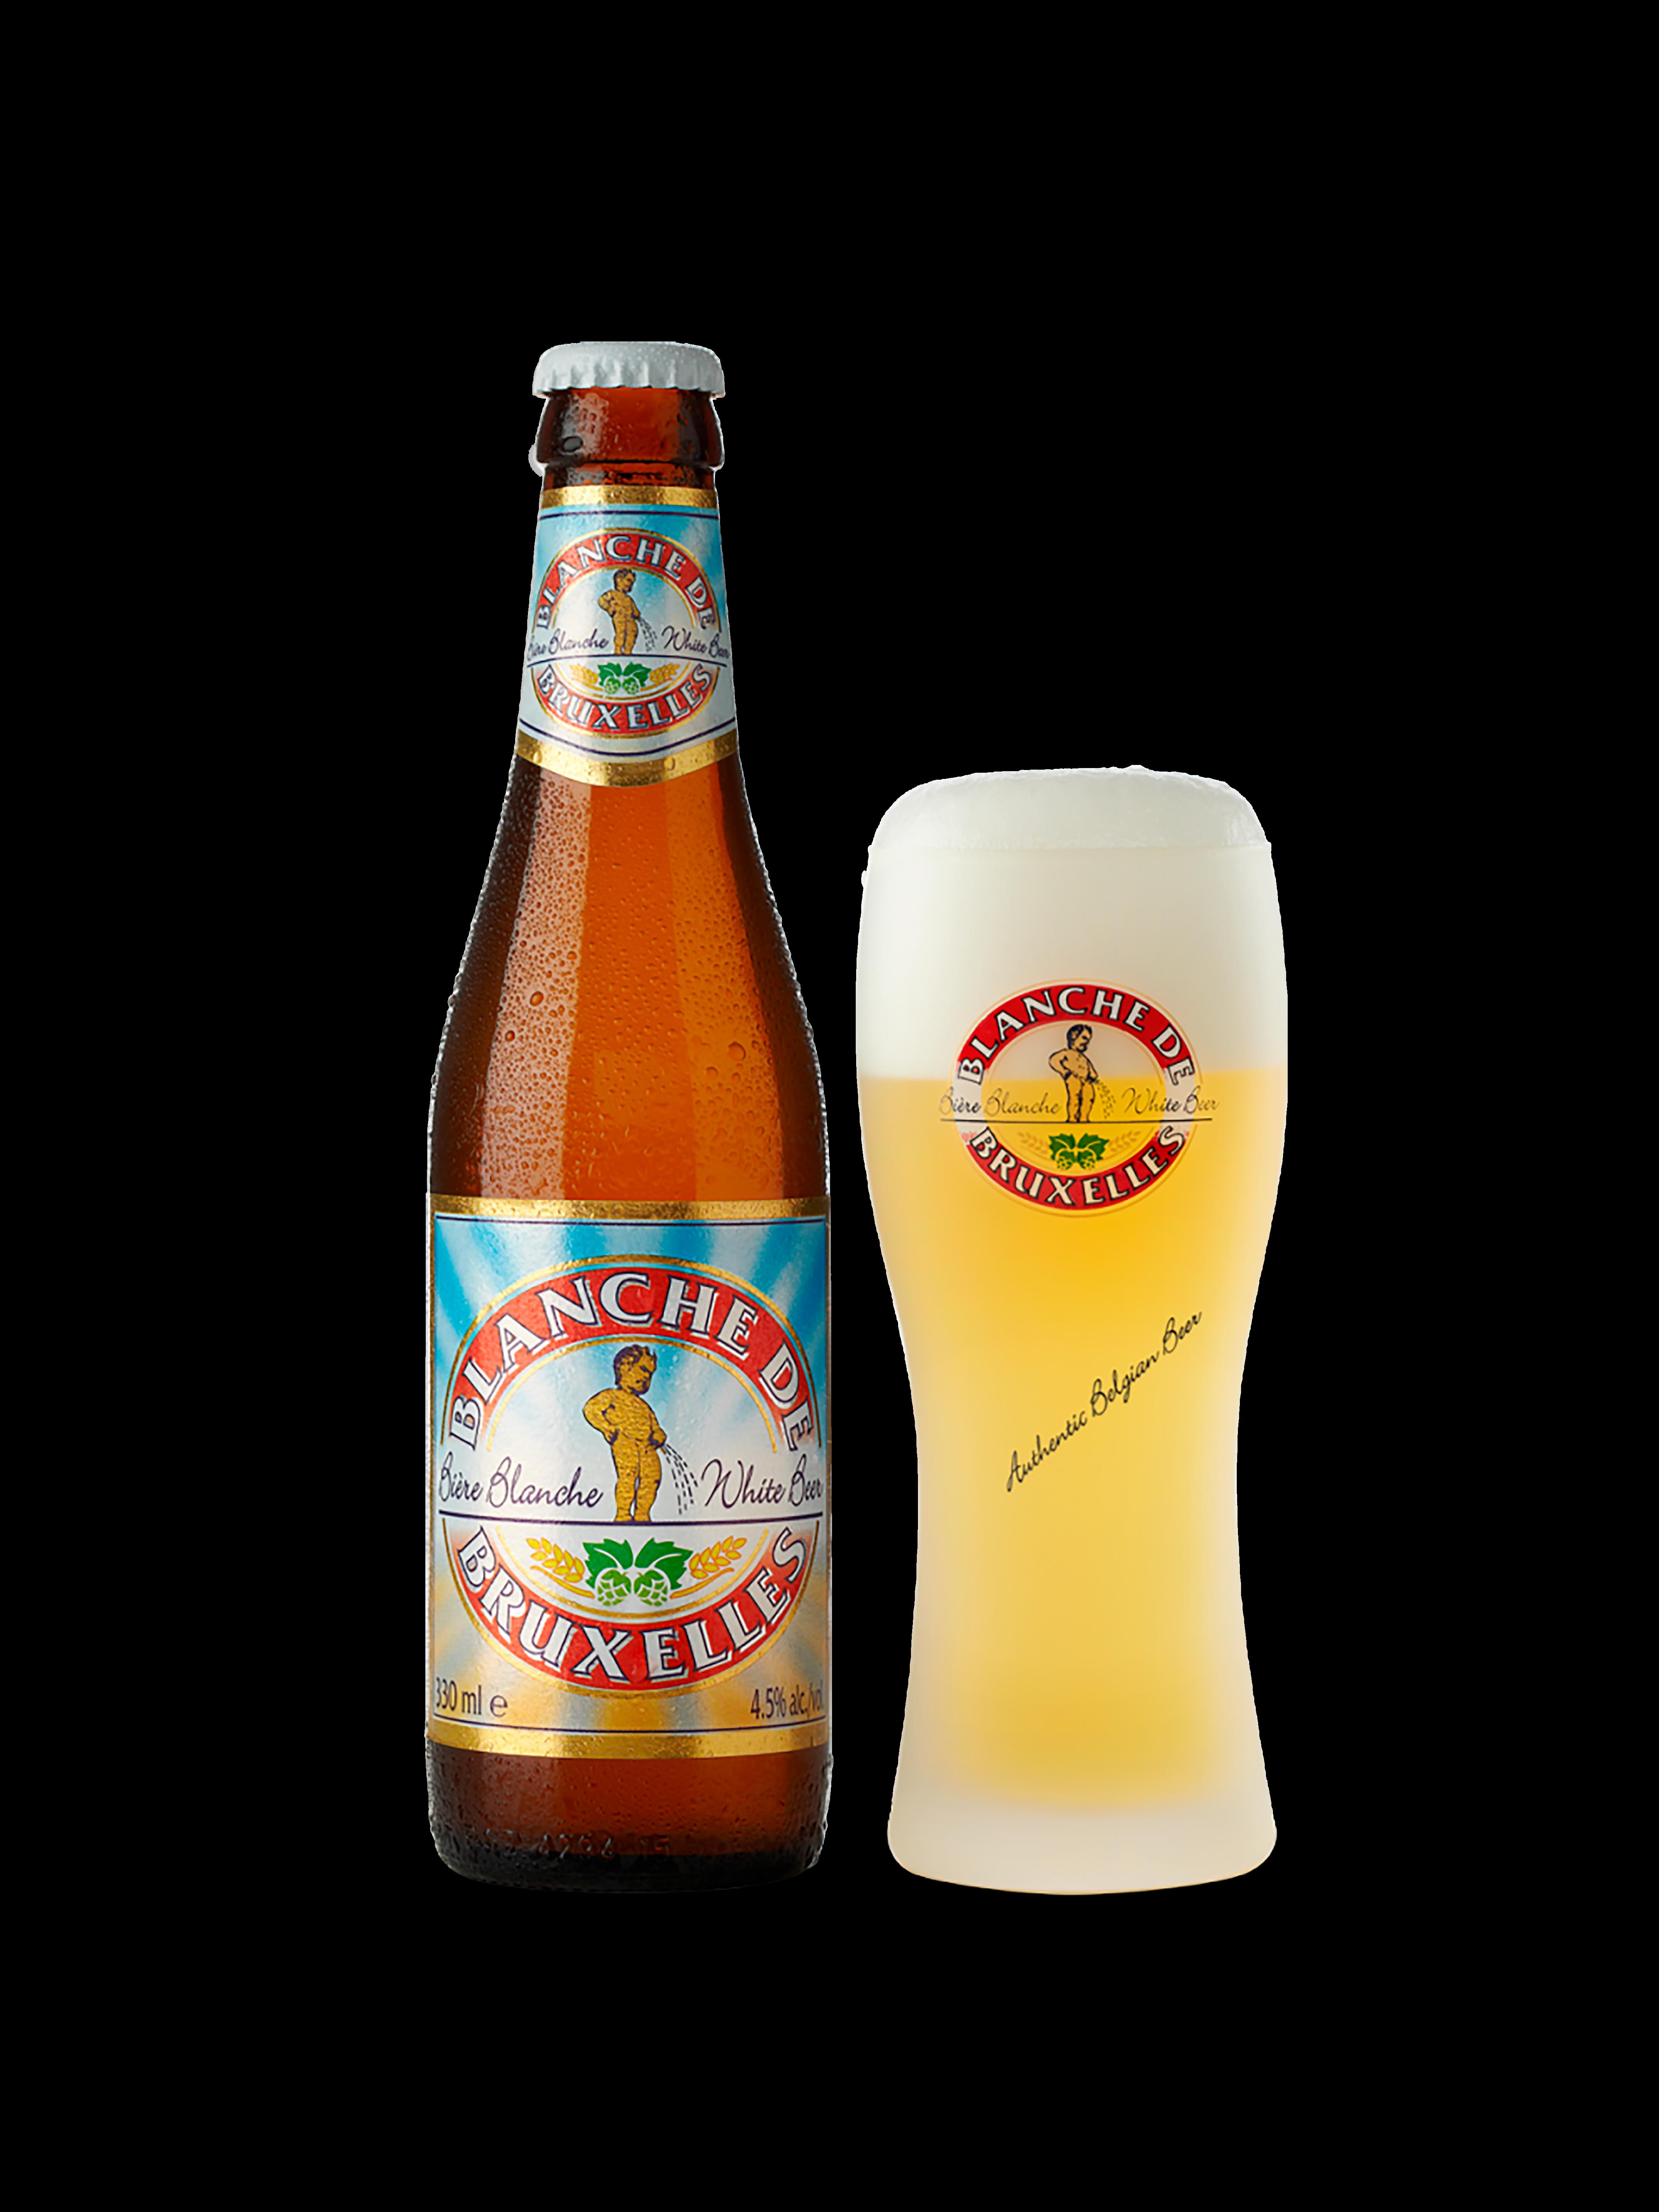 Bottiglia di birra con etichetta multicolore rappresentante un angelo che fa la pipì, a fianco un bicchiere